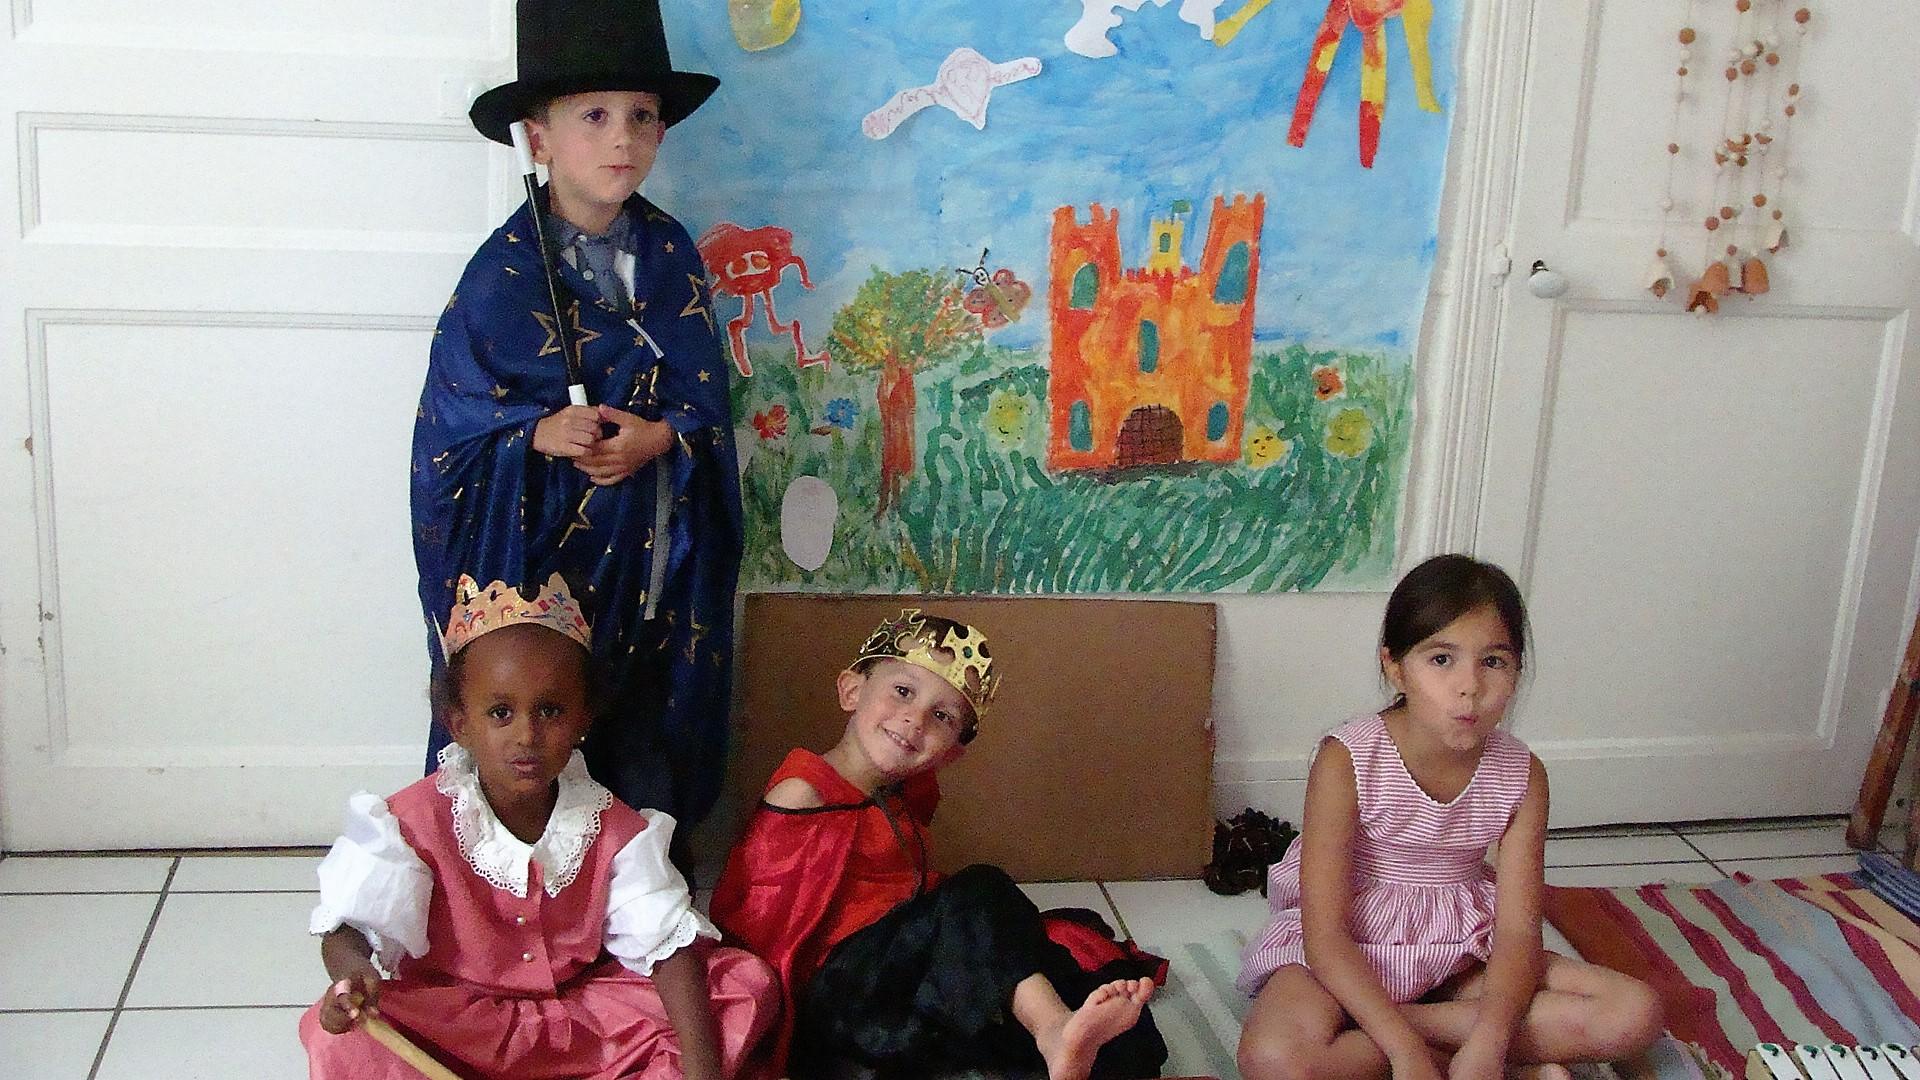 Et voici le magicien, le rois, la reine, Fifi la lapine près pour présenter aux parents leurs spectacle.